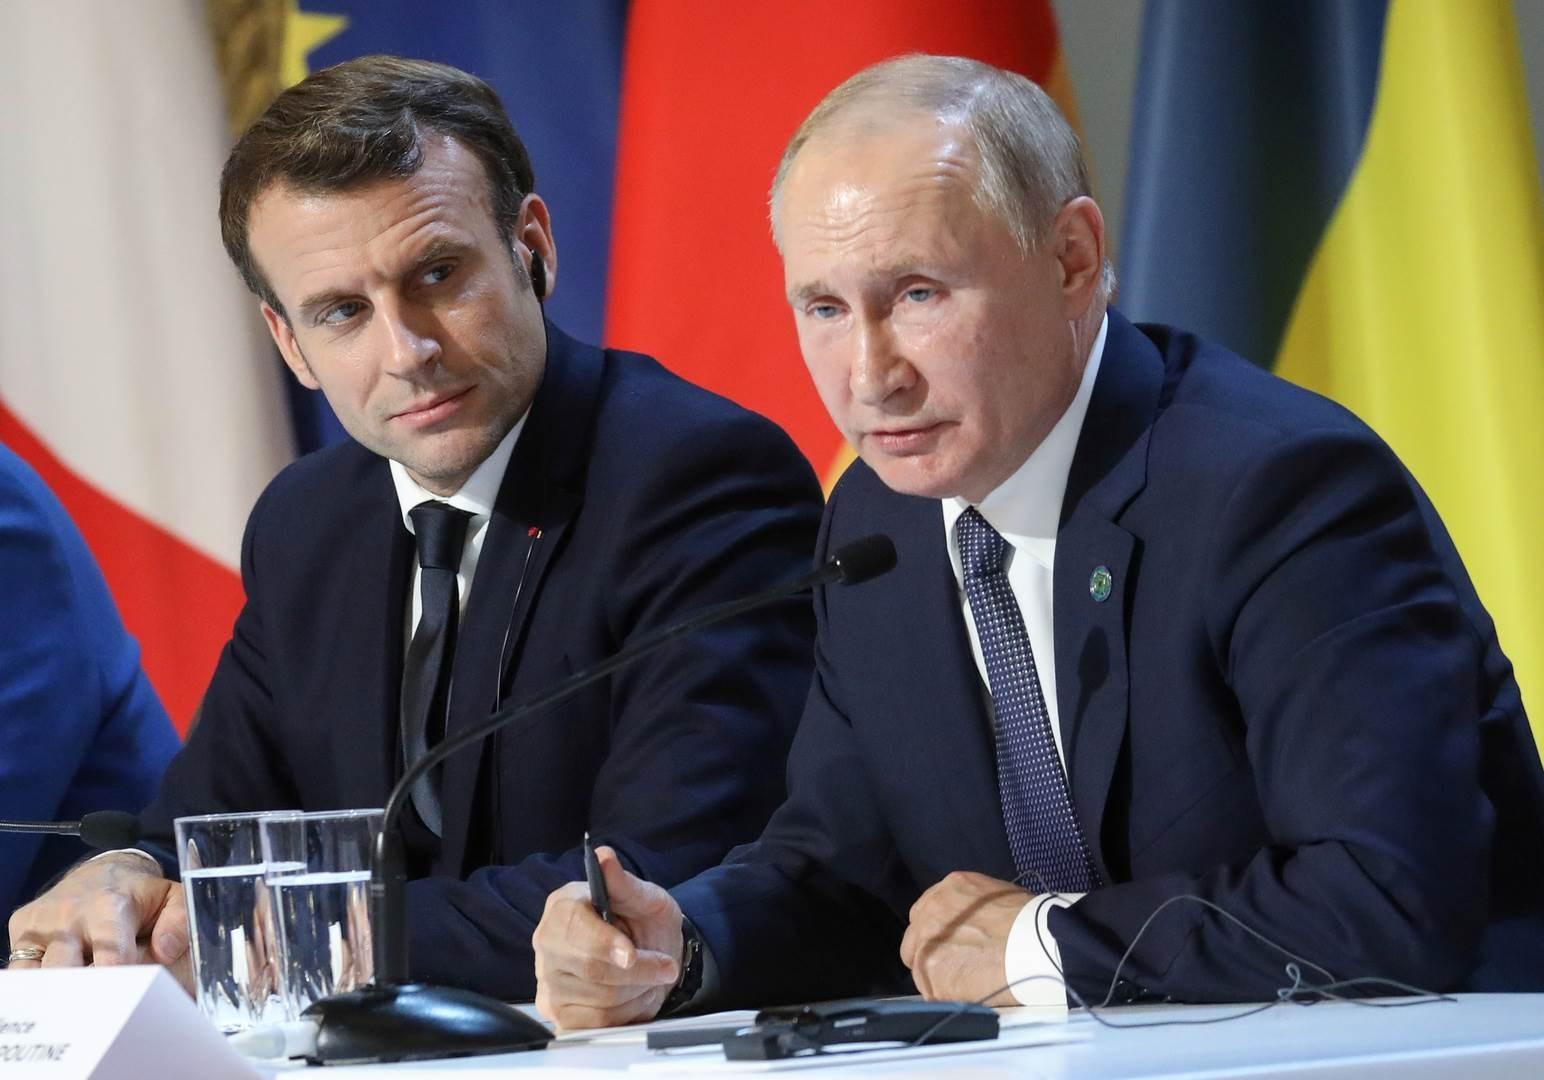 ماكرون يشارك بوتين انطباعاته عن زيارته الأخيرة إلى لبنان عقب انفجار مرفأ بيروت